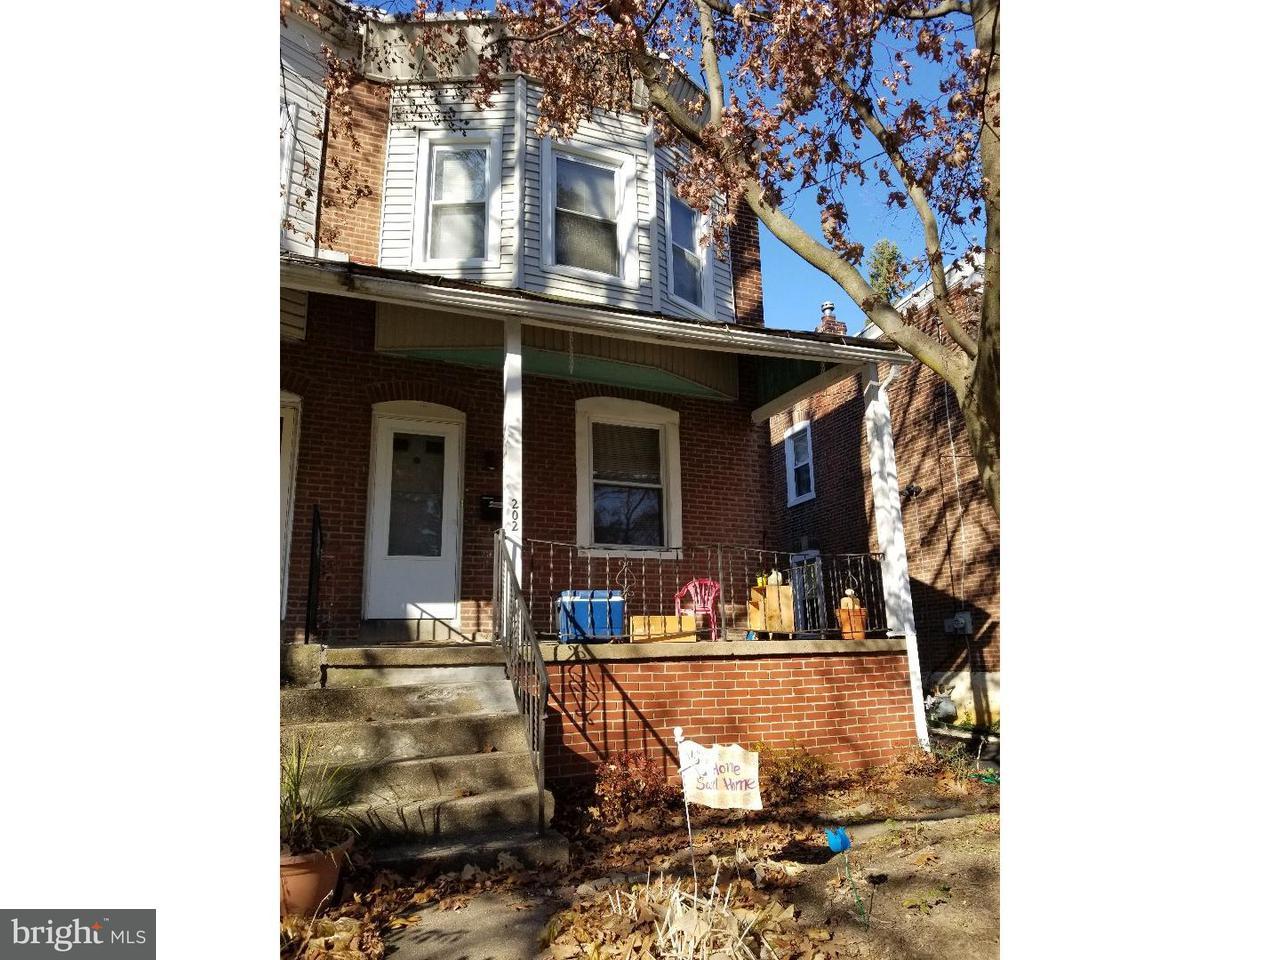 联栋屋 为 出租 在 202 OSCEOLA Avenue 埃尔金斯帕克, 宾夕法尼亚州 19027 美国